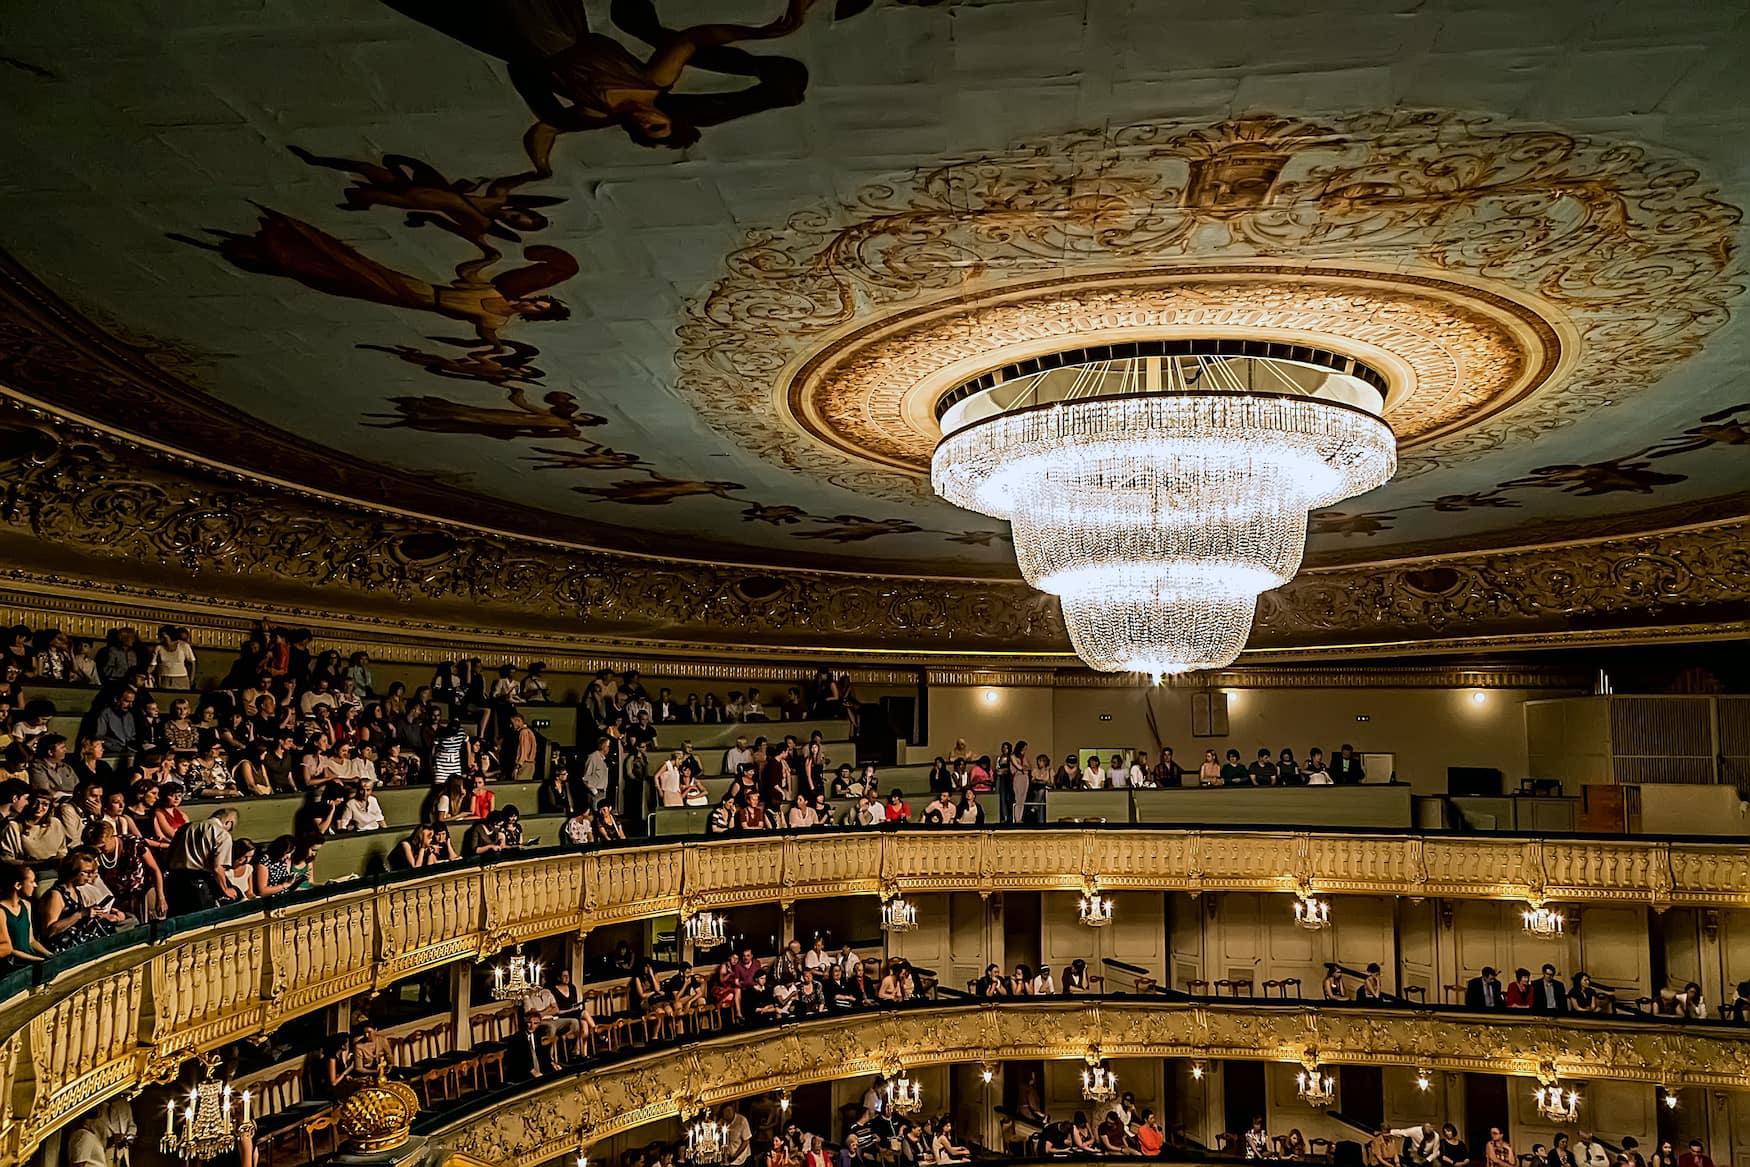 Ränge im Mariinsky Theater in St. Petersburg, einer unserer Tipps für euren Städtetrip